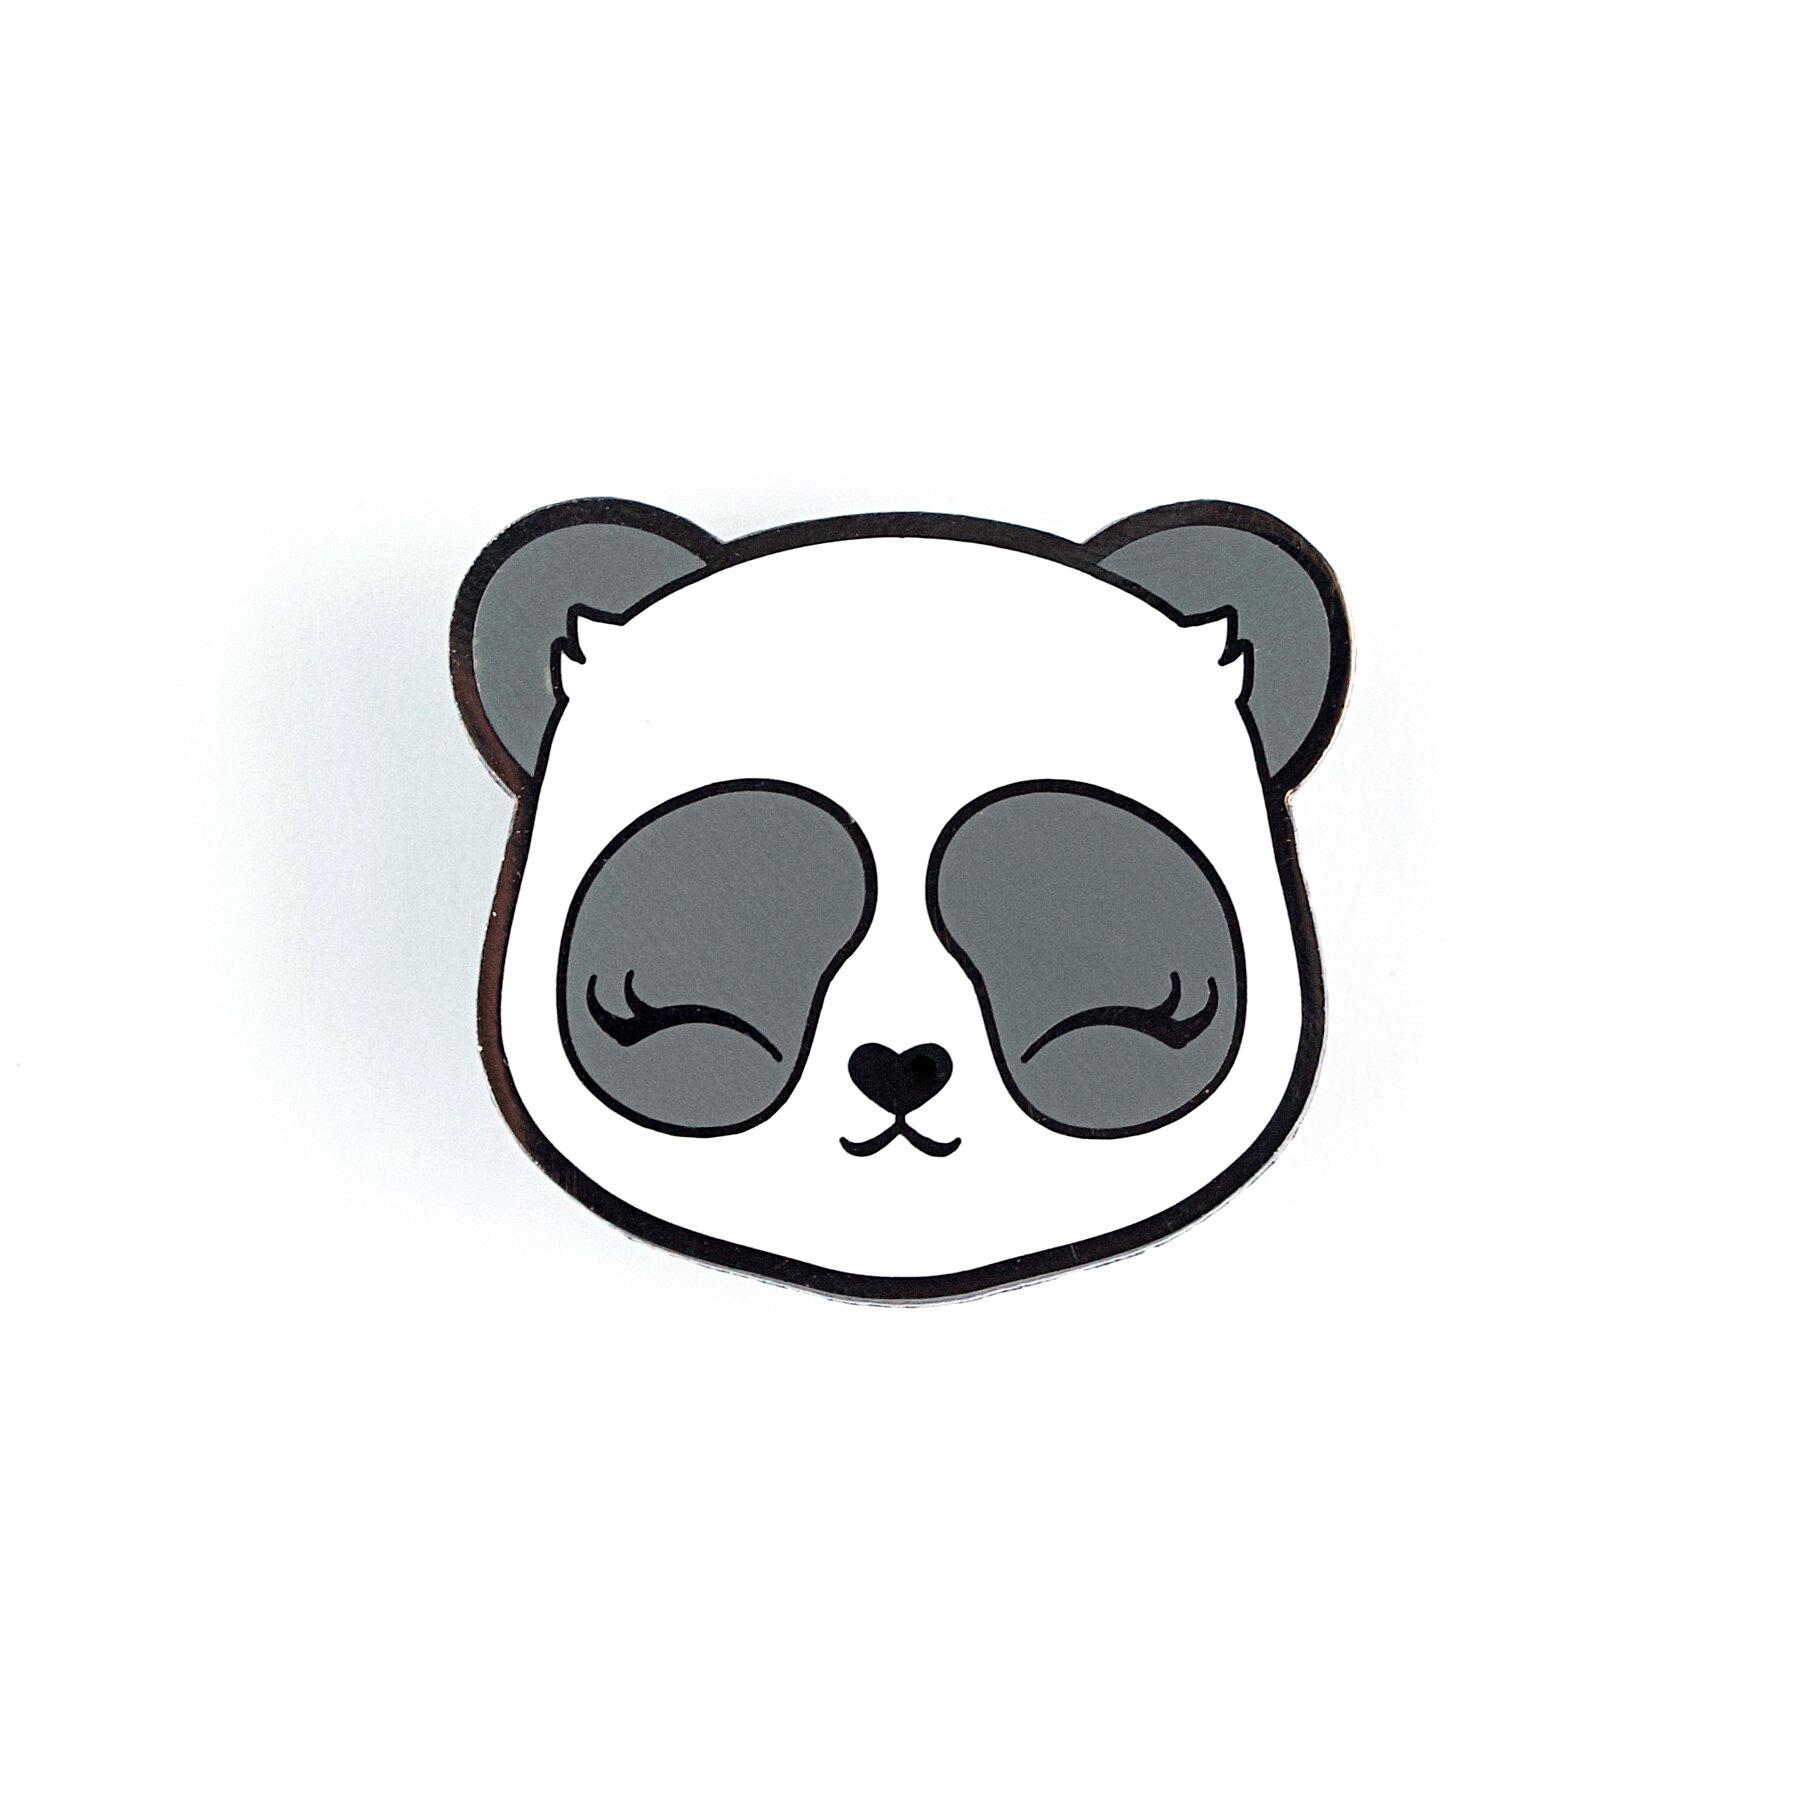 P39 - Panda Face Pin